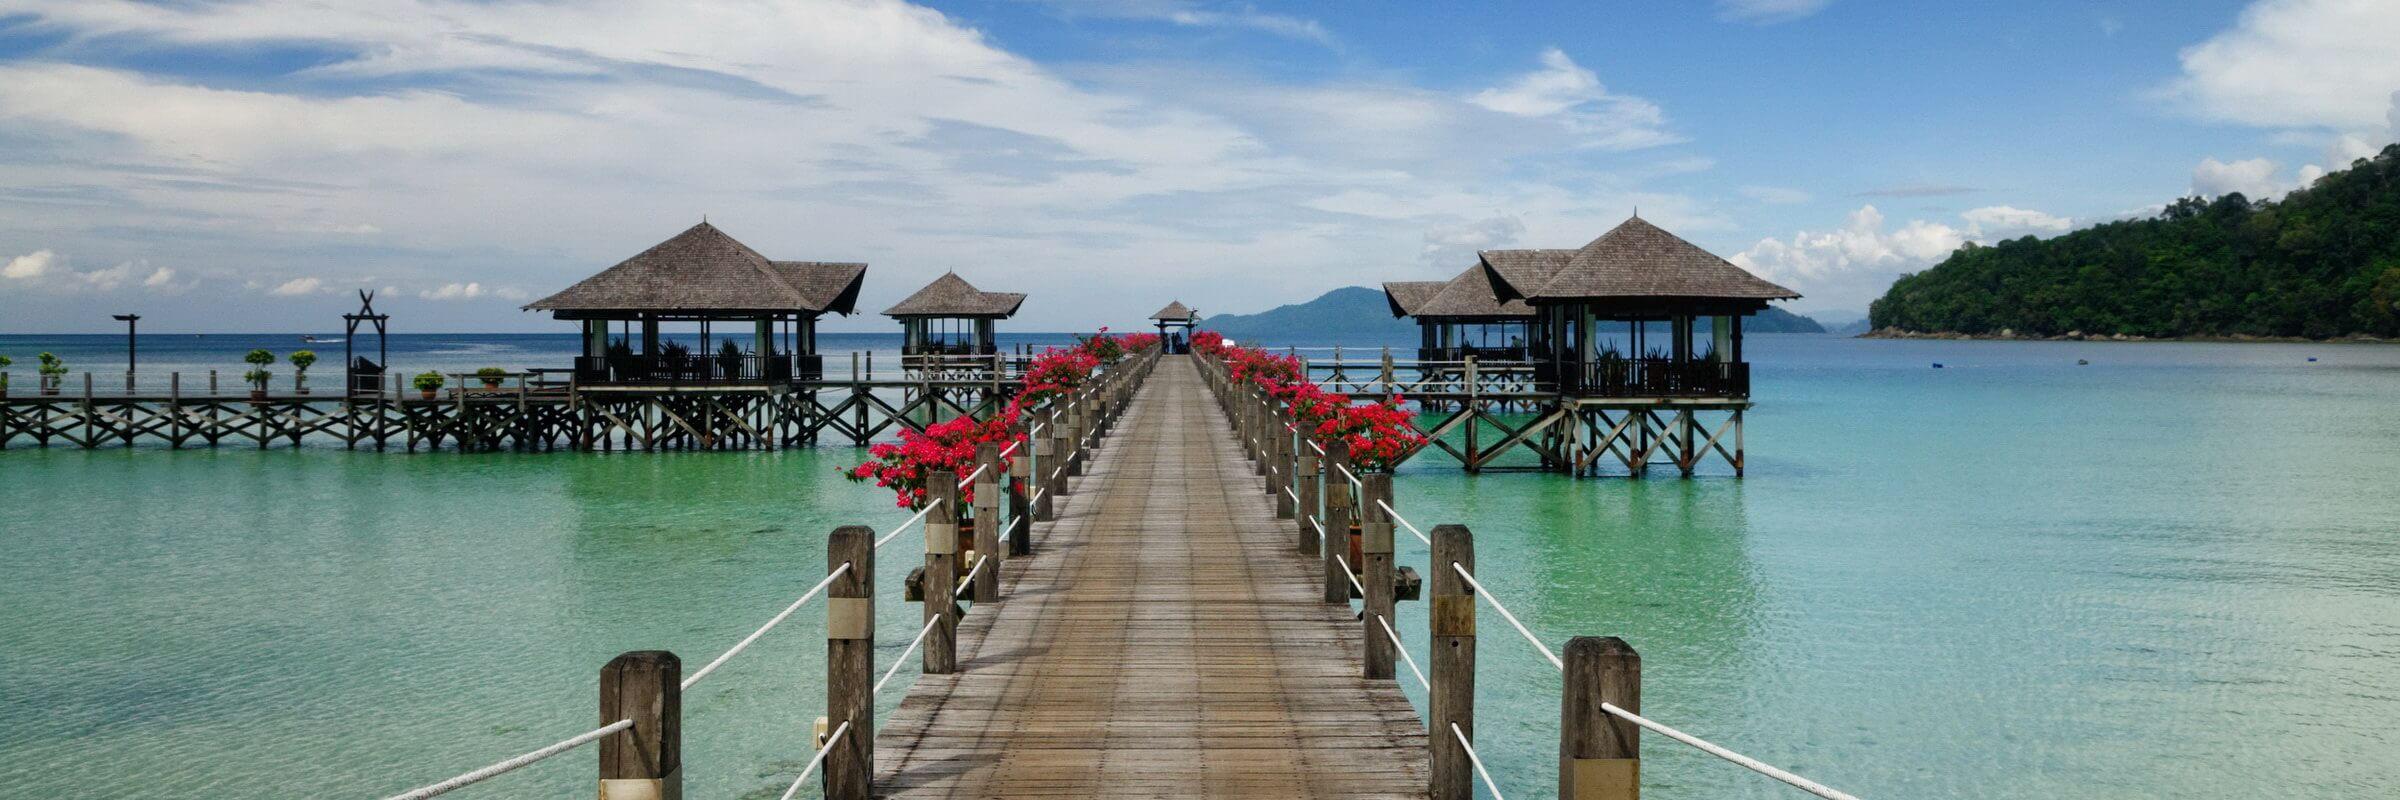 Das Bunga Raya Island Resort & Spa verfügt über mehrere, auf Stelzen gebaute Pavillions, die über Stege miteinander verbunden sind.